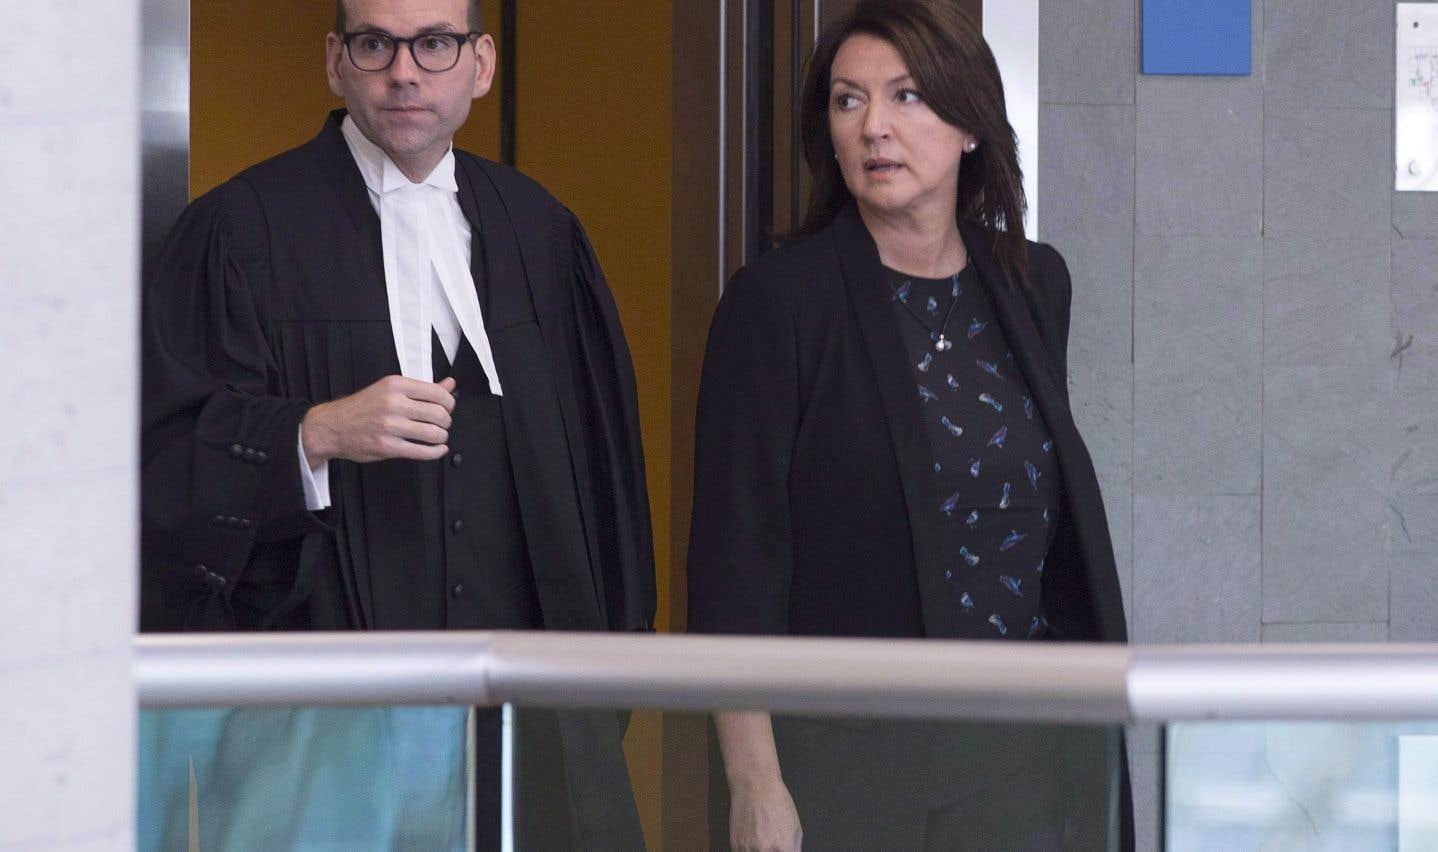 Les avocats de Nathalie Normandeau, de Marc-Yvan Côté et de leurs quatre coaccusés soutiennent qu'«un système de fuites orchestrées minutieusement pour déstabiliser le gouvernement et le Parti libéral» nuit au droit des coaccusés d'avoir un procès juste et équitable.